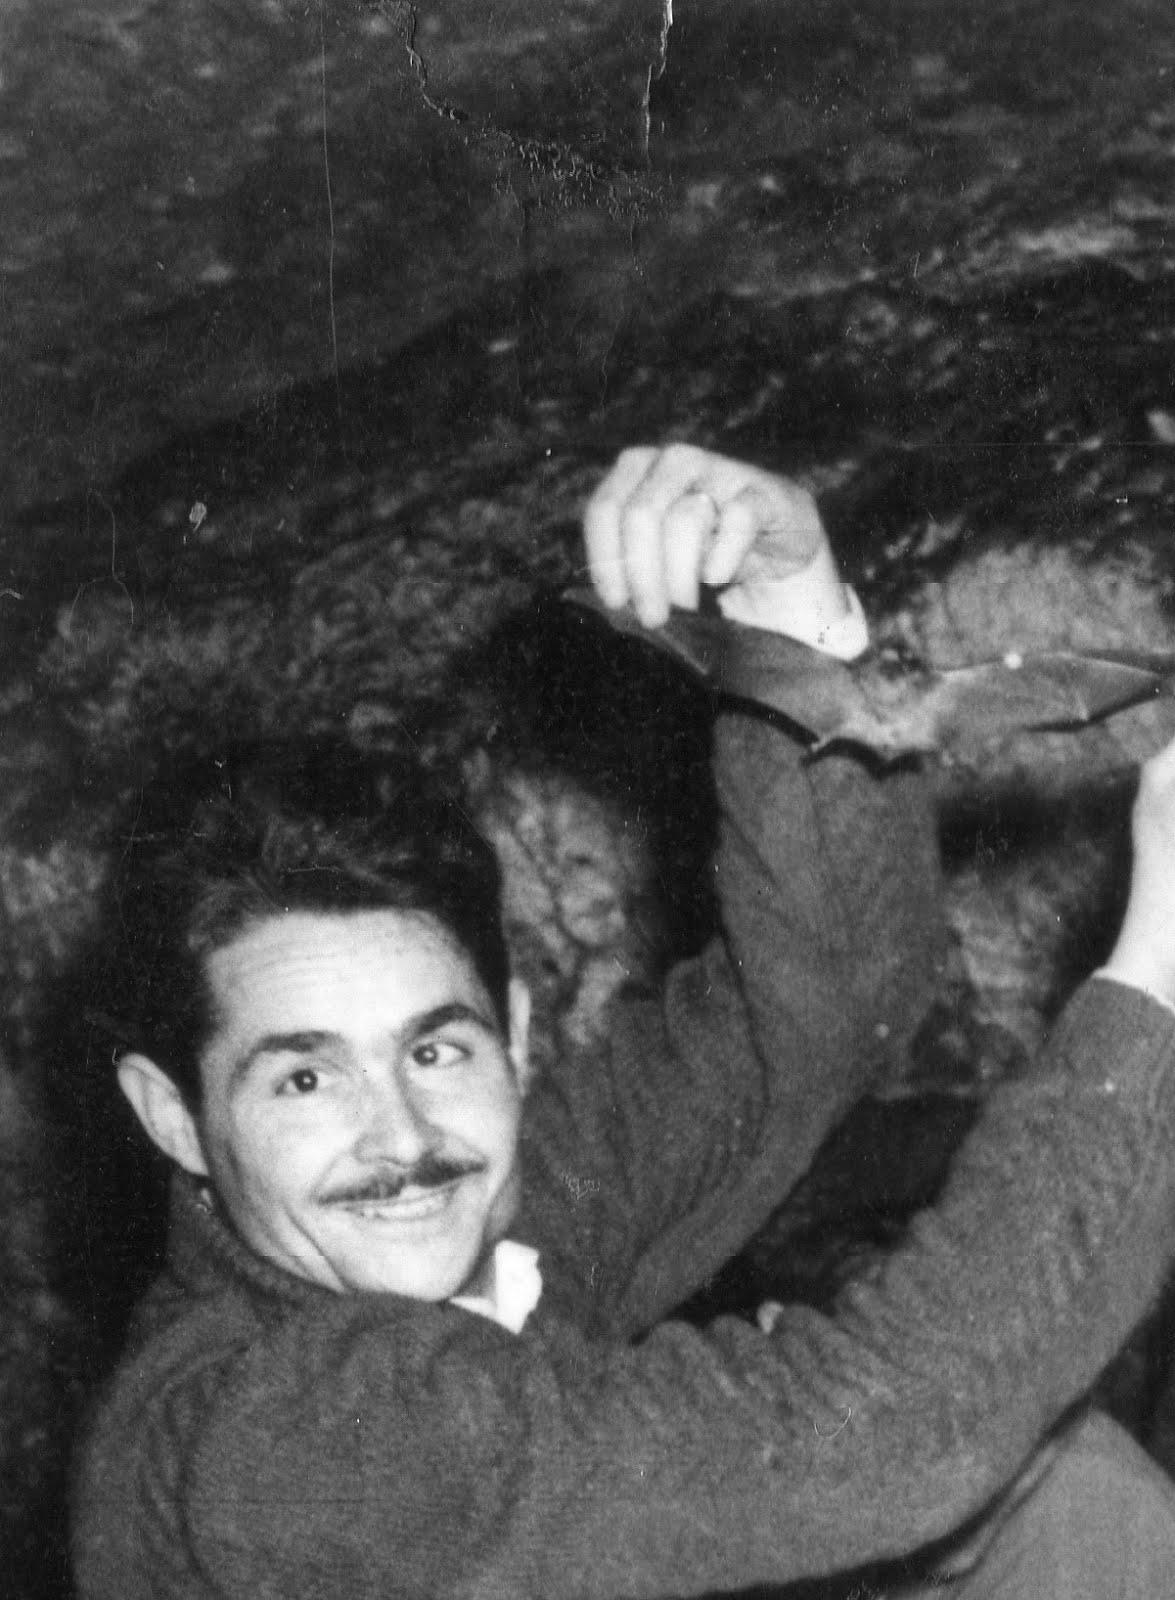 Avenç del Daví - any 1959 - Treballs de col·laboració amb la Universitat de Barcelona